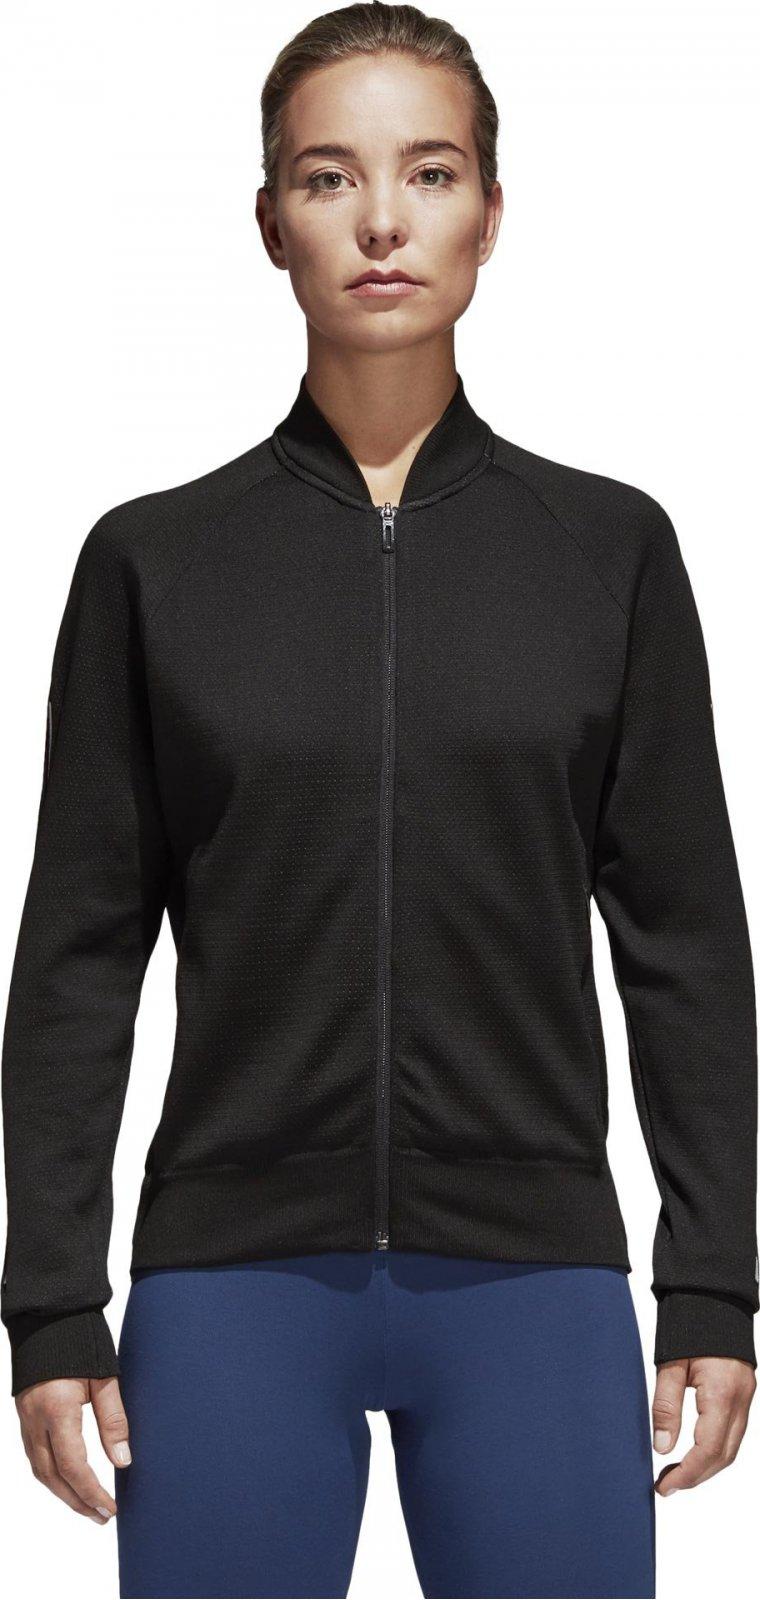 Adidas Women Id Knit Bomber Jacket černá od 1 450 Kč • Zboží.cz da6cbbb838